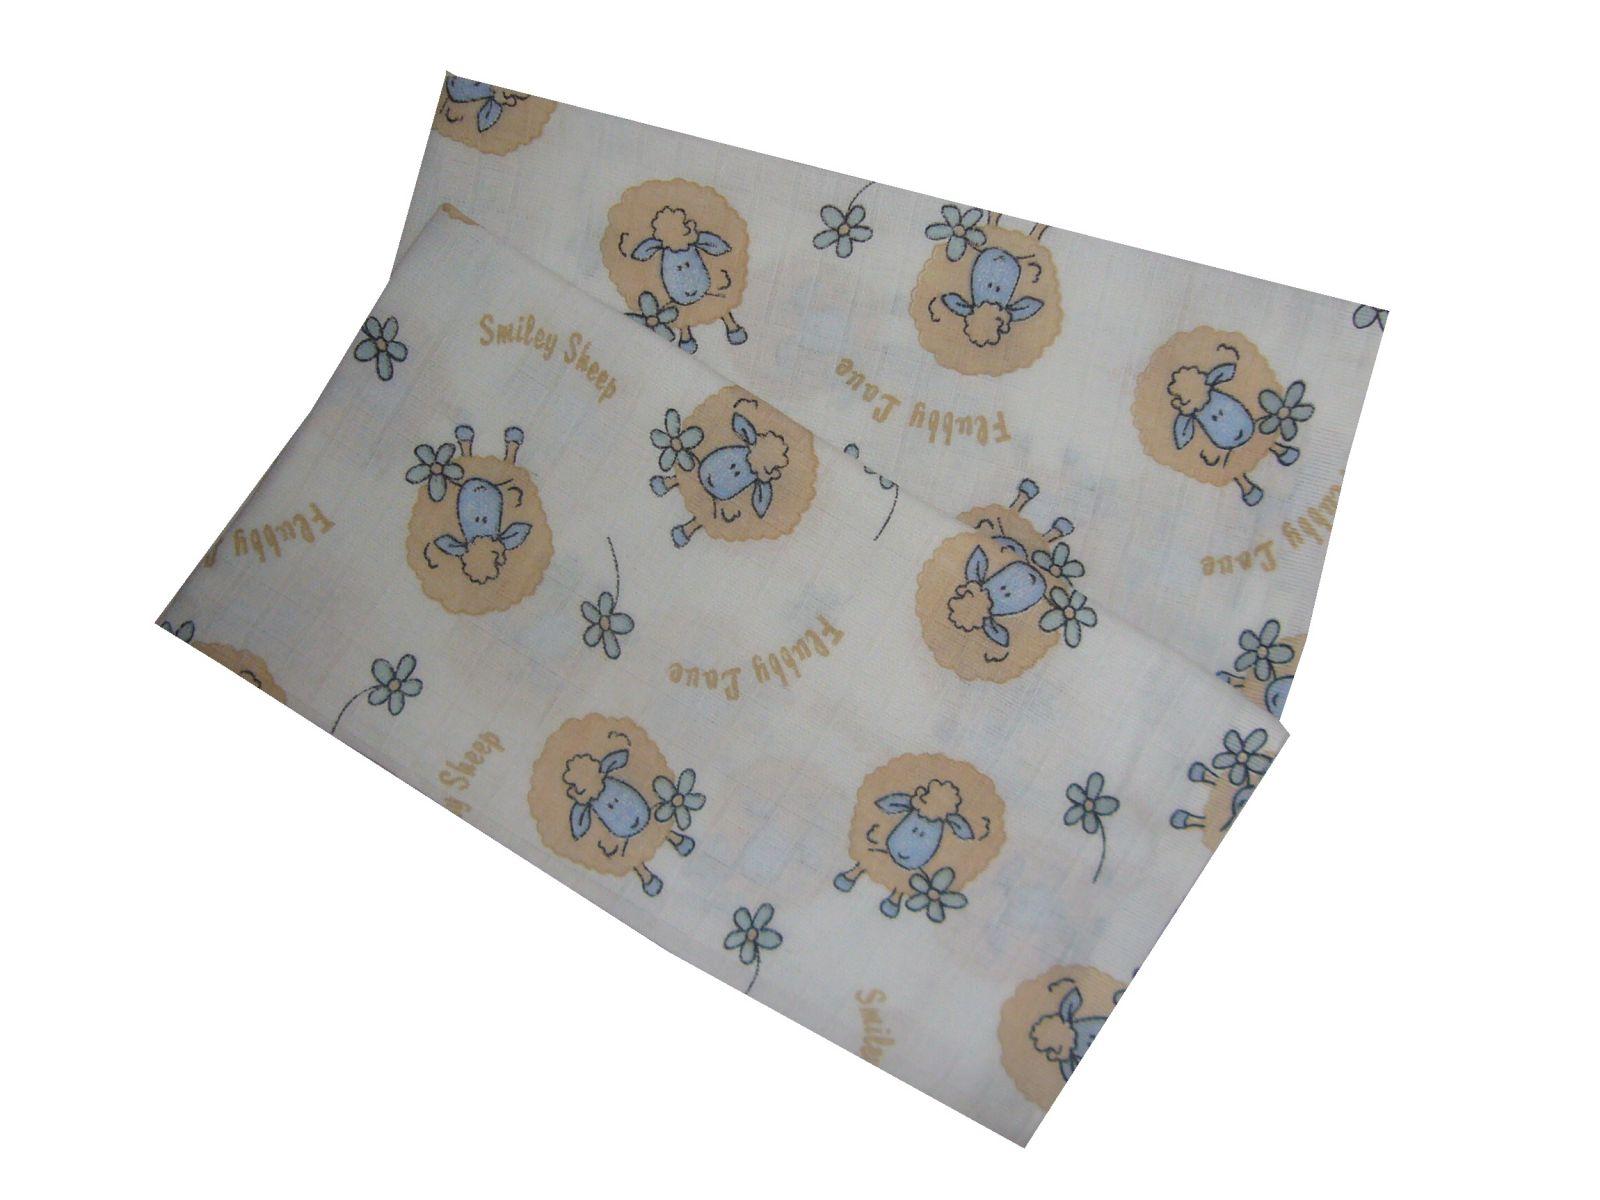 S obrázkom ovečiek kvalitné detské látkové plienky Ovečky modré (balenie 5 ks), PREM INTERNACIONAL